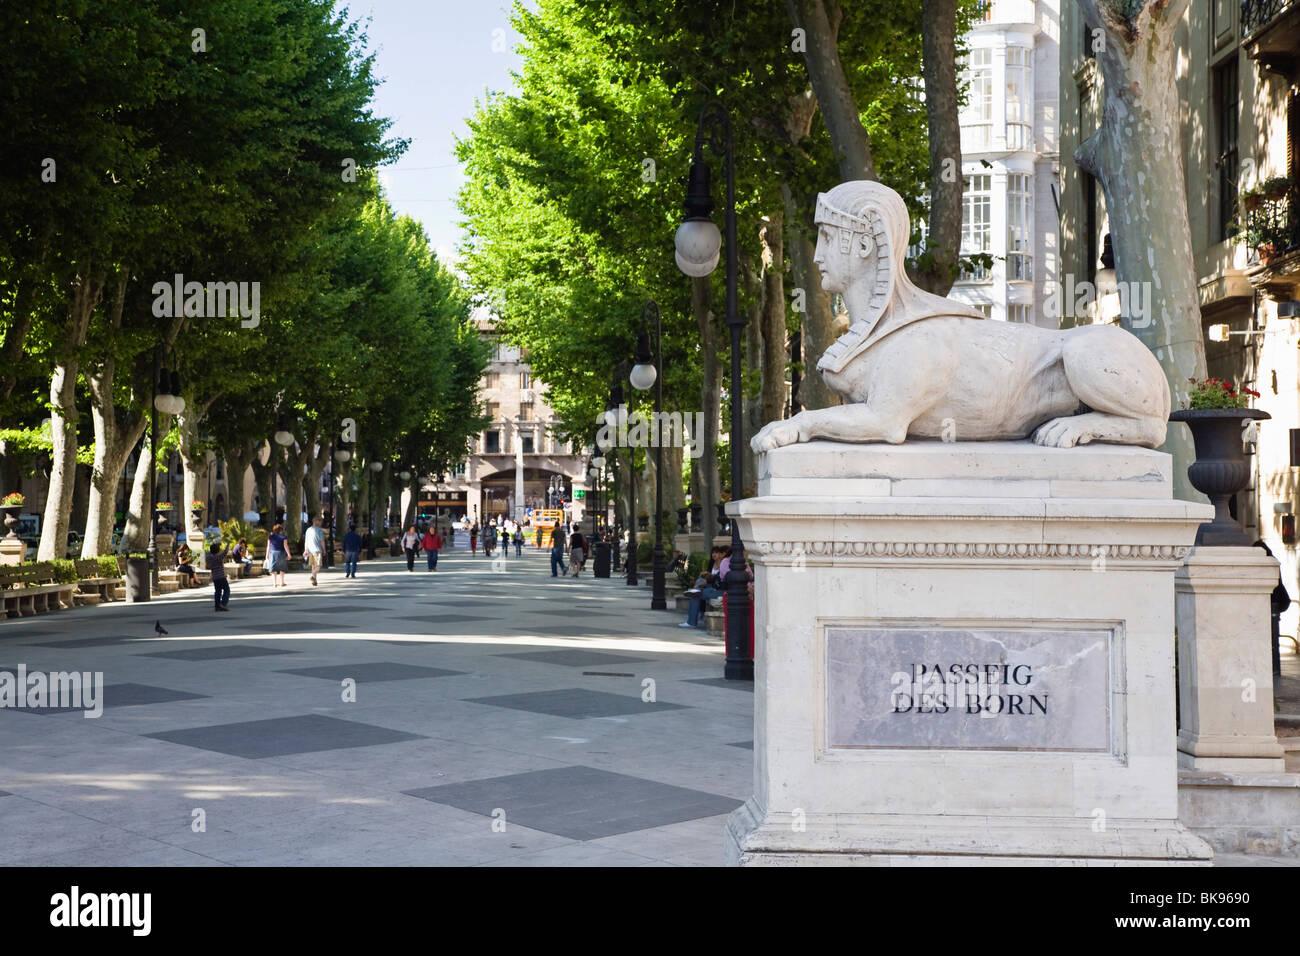 Passeig des Born, Palma de Mallorca, Majorca, Spain, Europe - Stock Image